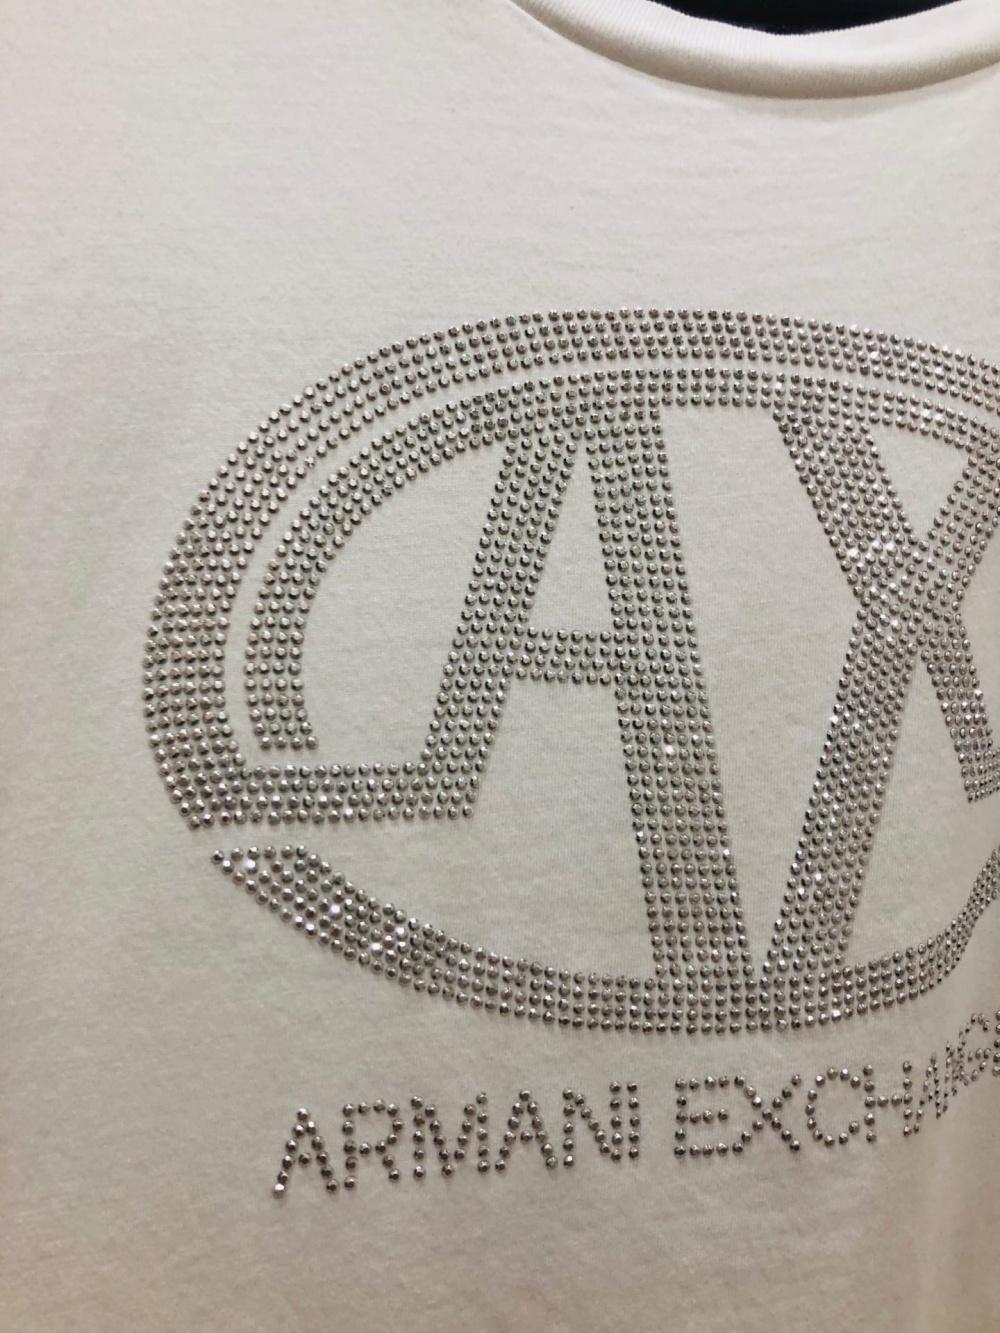 Футболка Armani Exchange. Размер S-M.